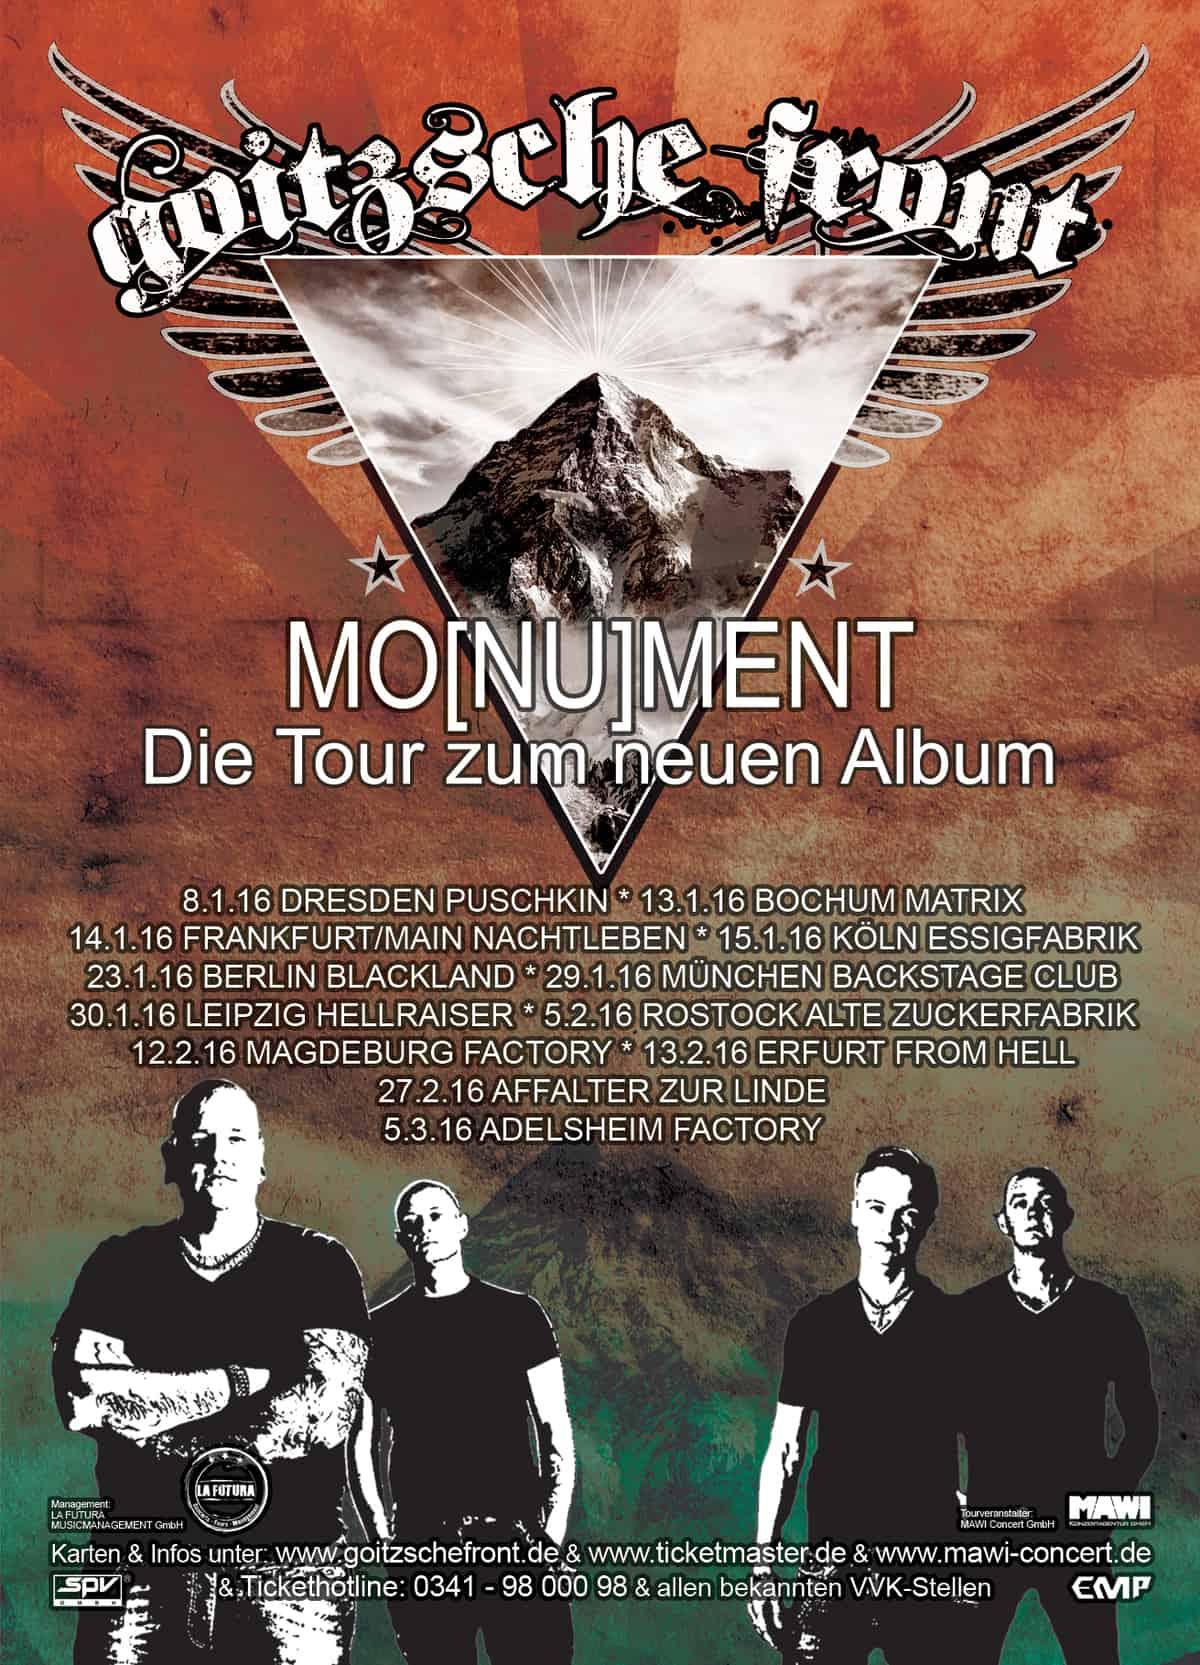 _internetflyerA6_monument tour_neu